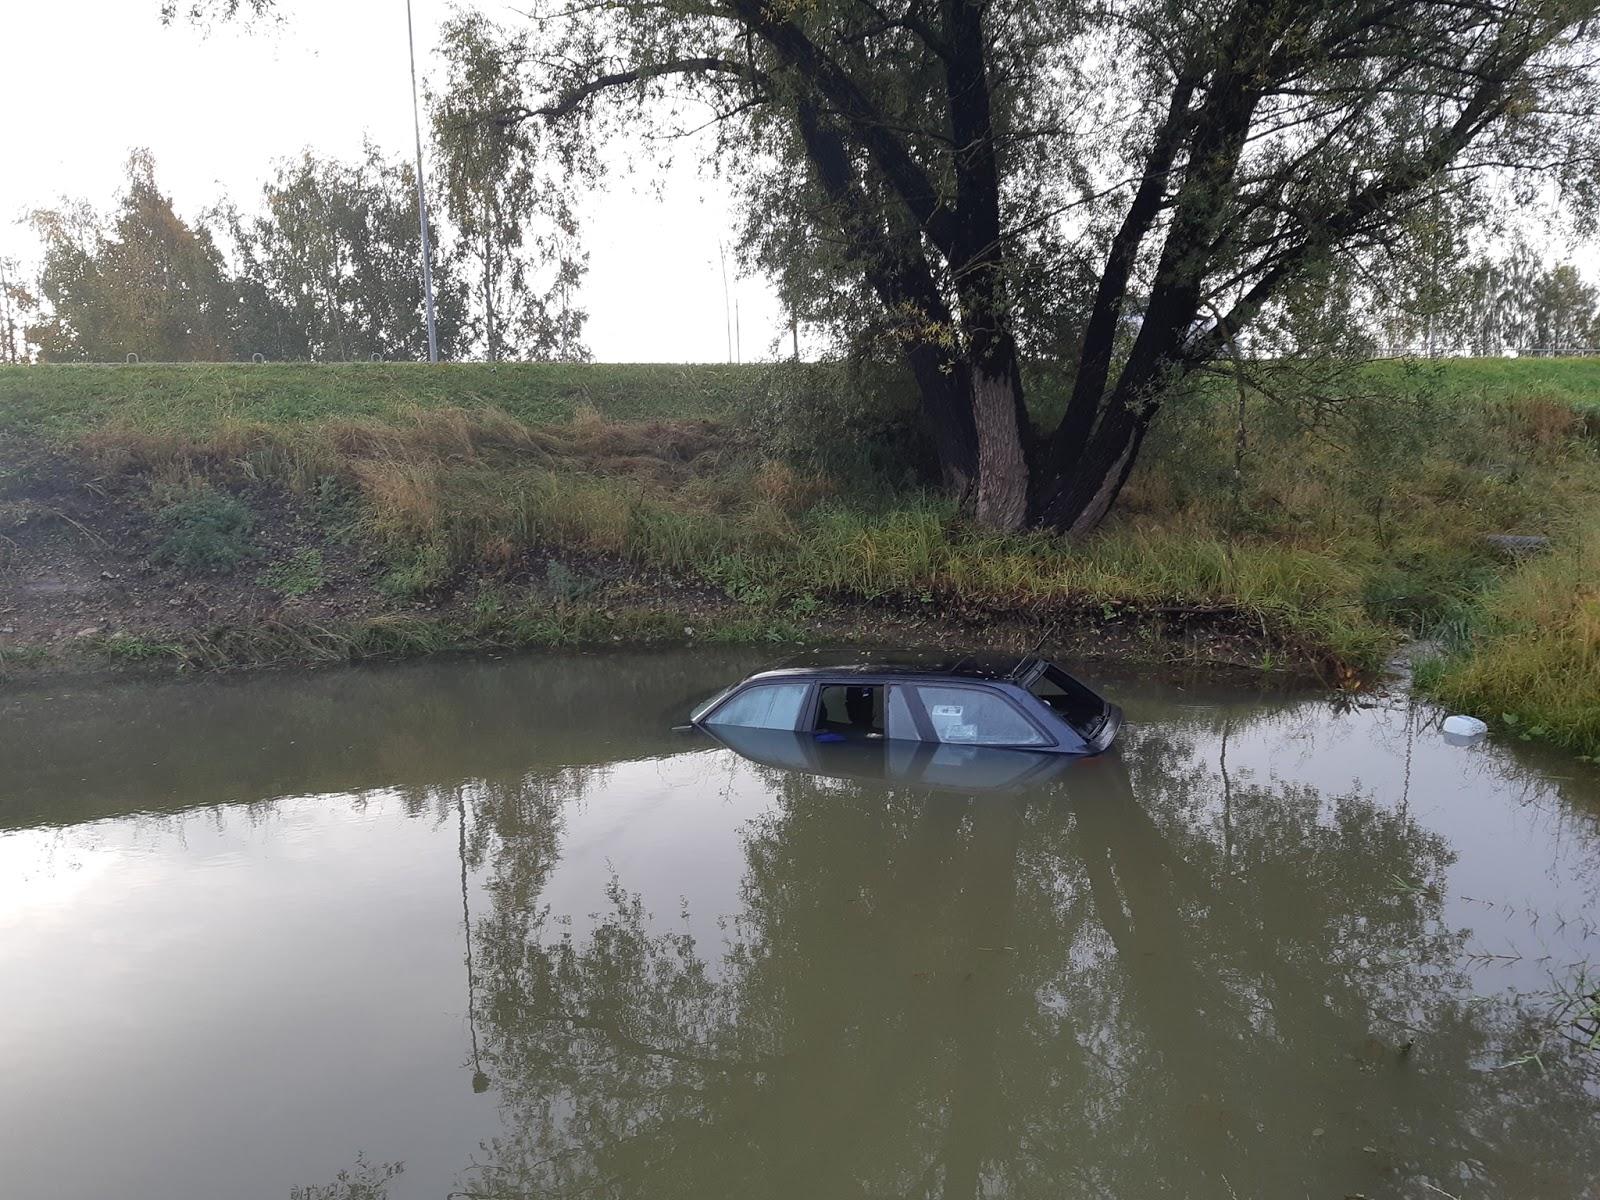 Vieglā automašīna Tukumā pēc avārijas nogrimst ūdens piepildītā grāvī 5